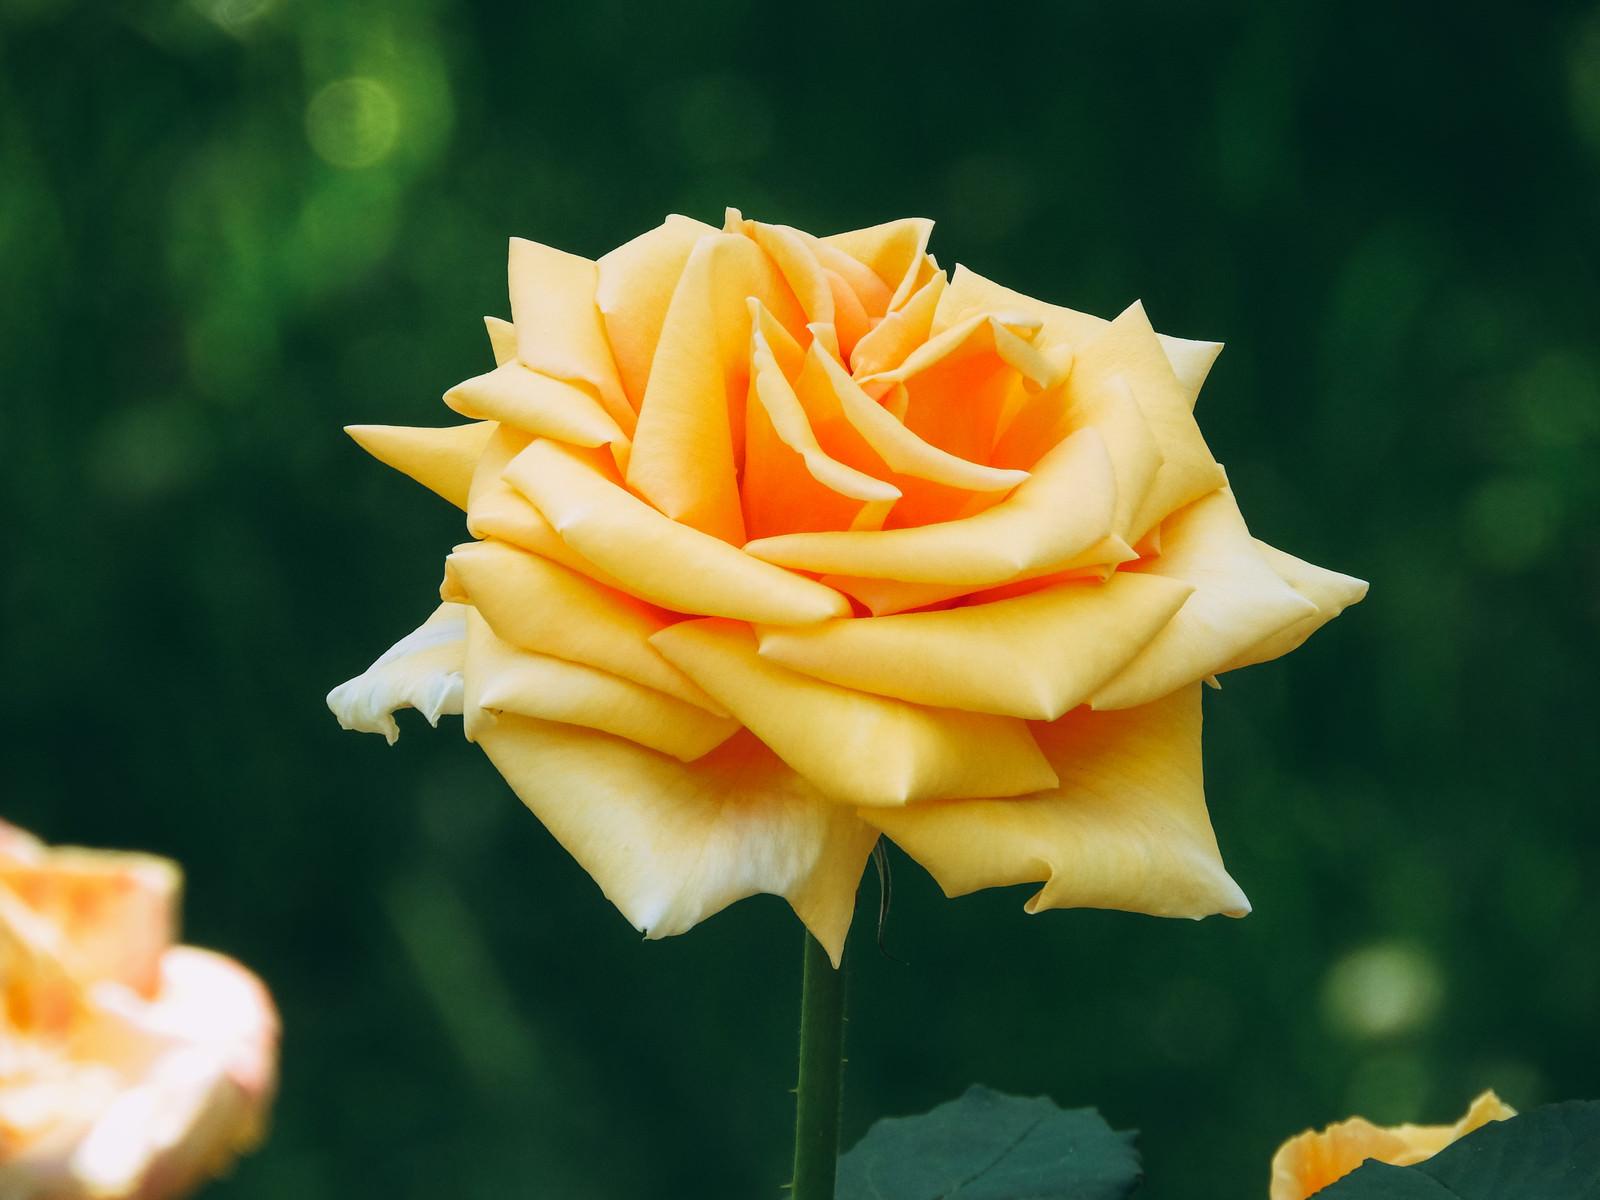 「形の良い黄色い薔薇の花」の写真